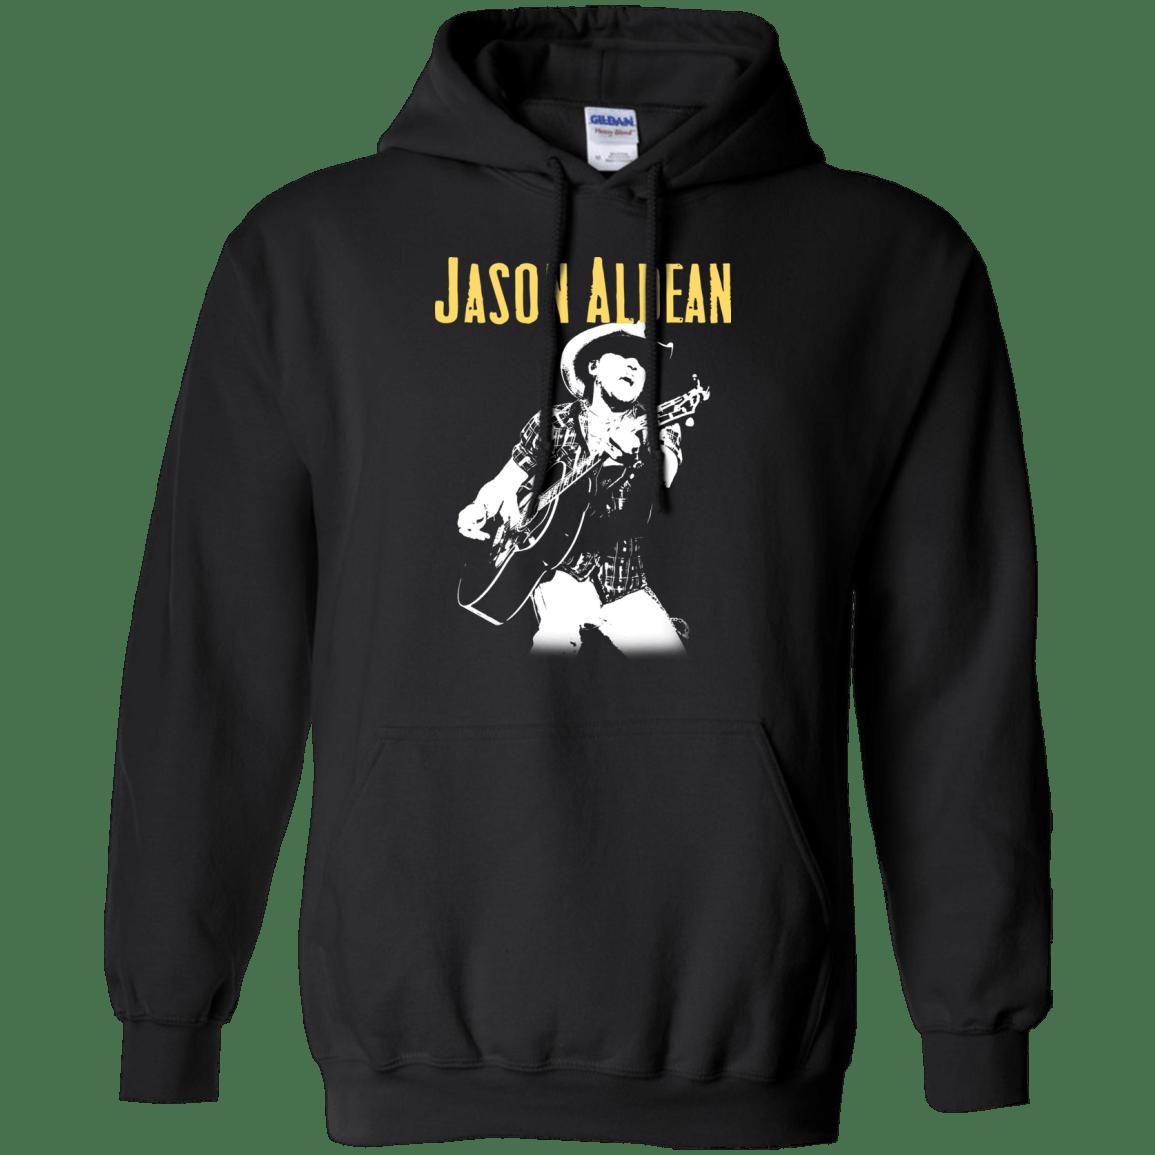 Jason Aldean Tour 2017 Segar Hoodie